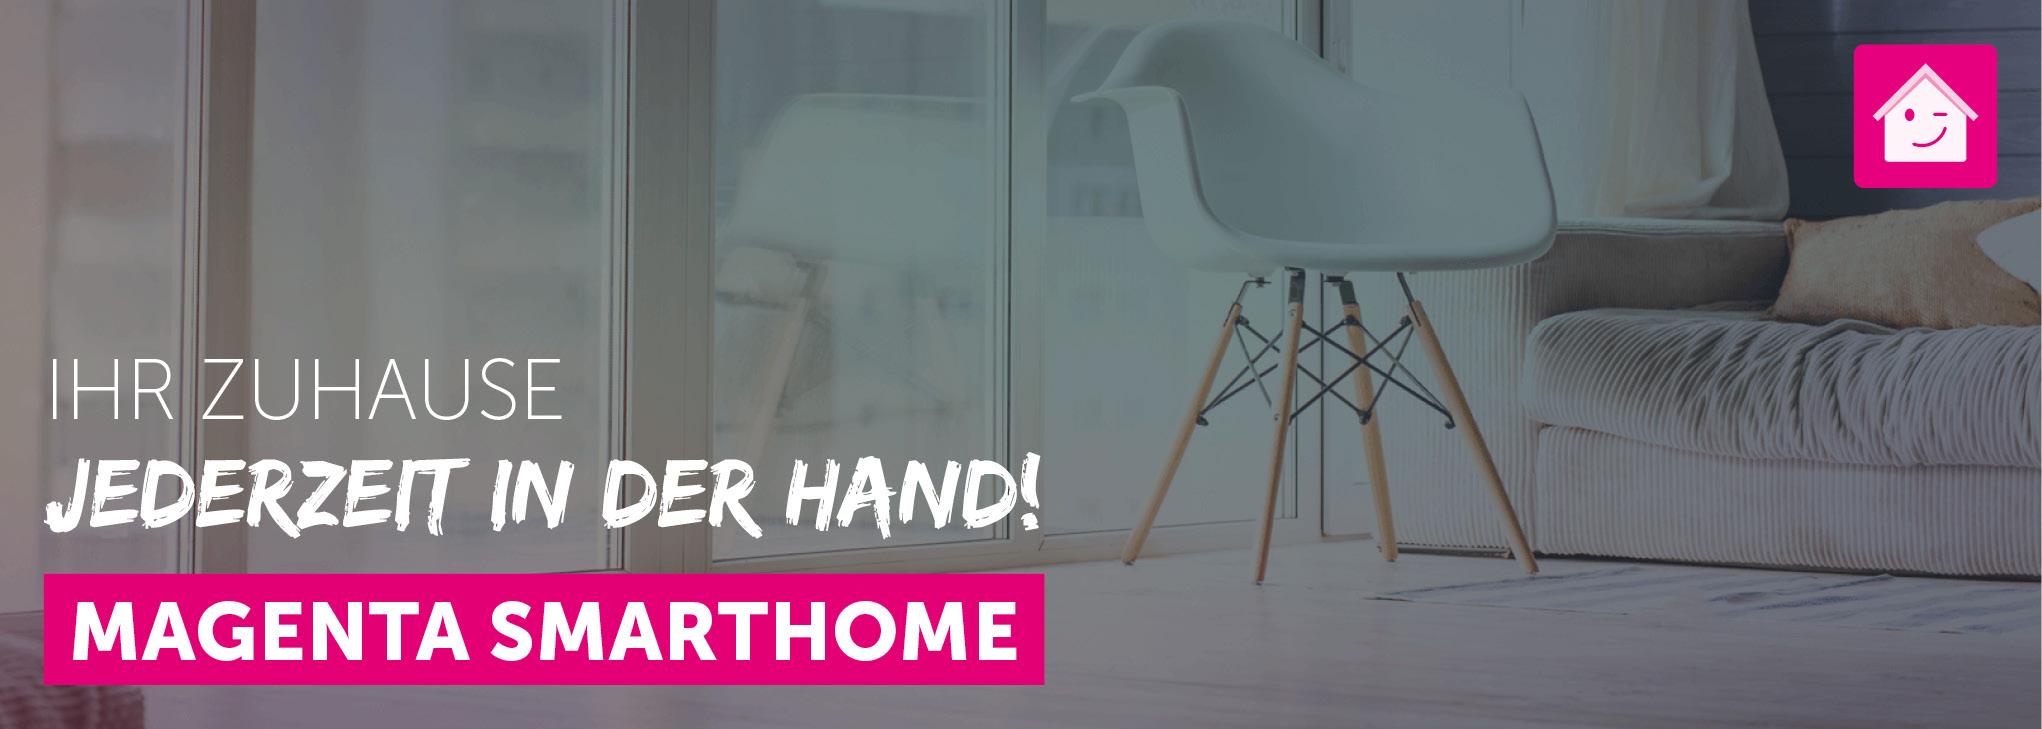 Telekom Smart Home Preisboerse24